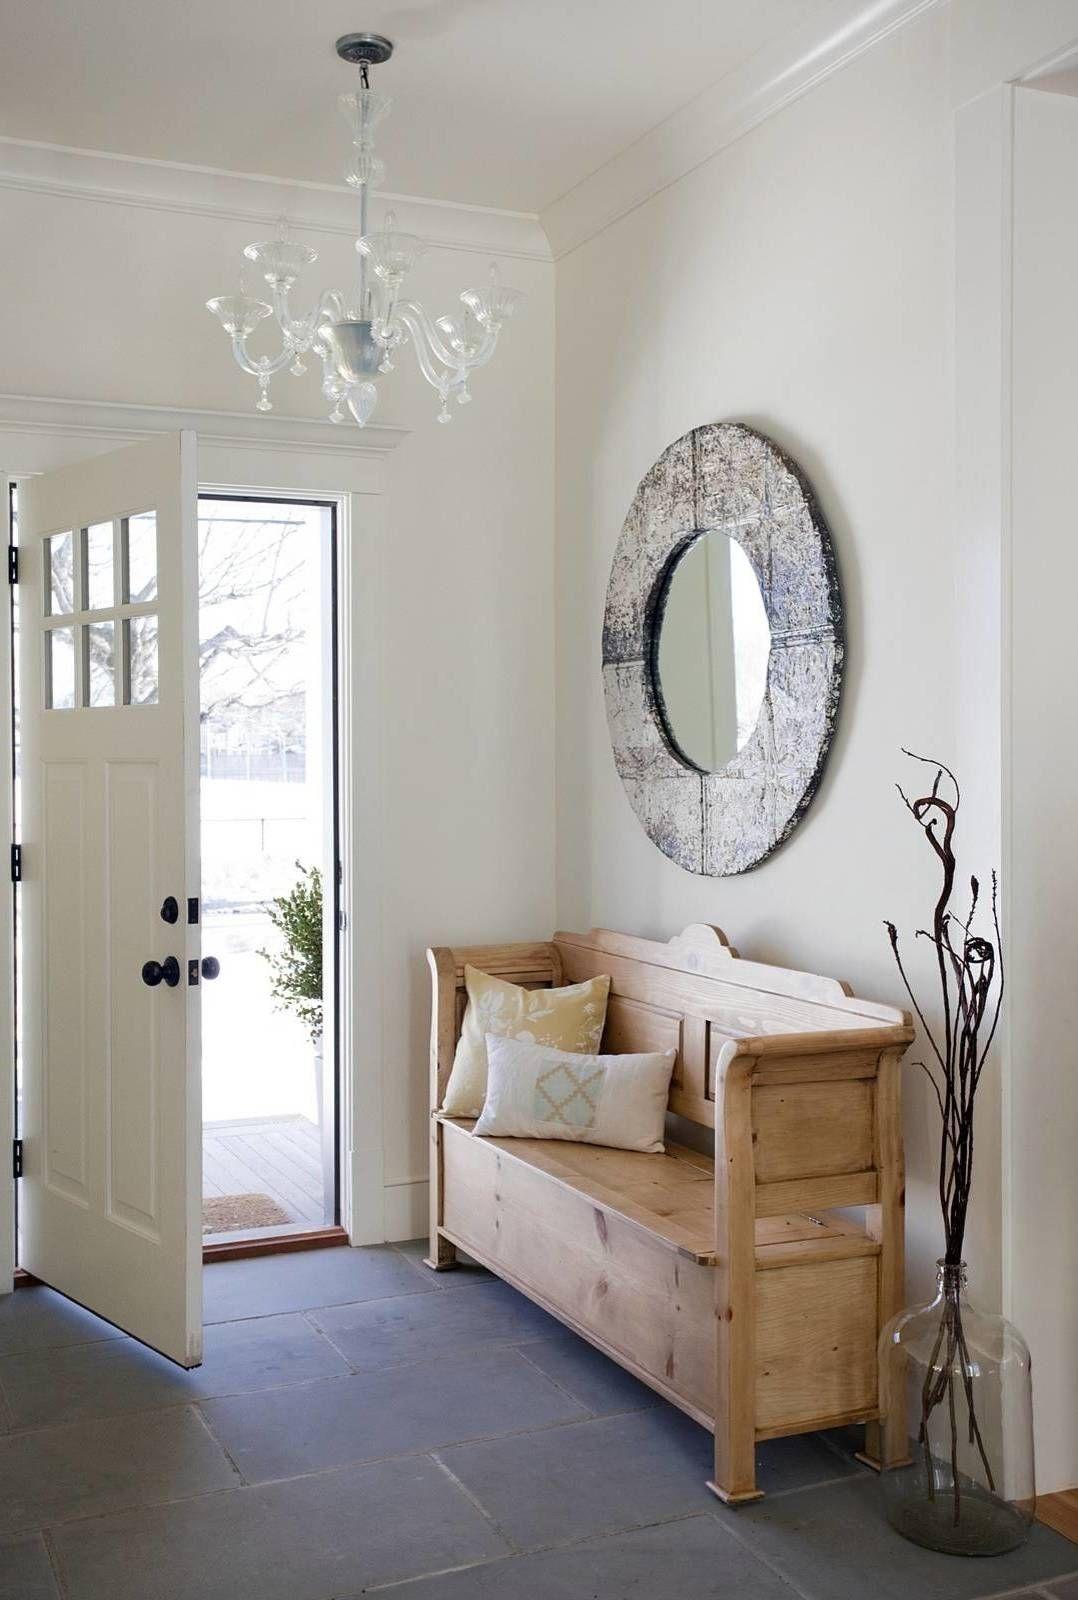 Sitzbank f r den flur 19 ideen im skandinavischen stil home sweet home pinterest sitzbank - Fliesen skandinavischen stil ...